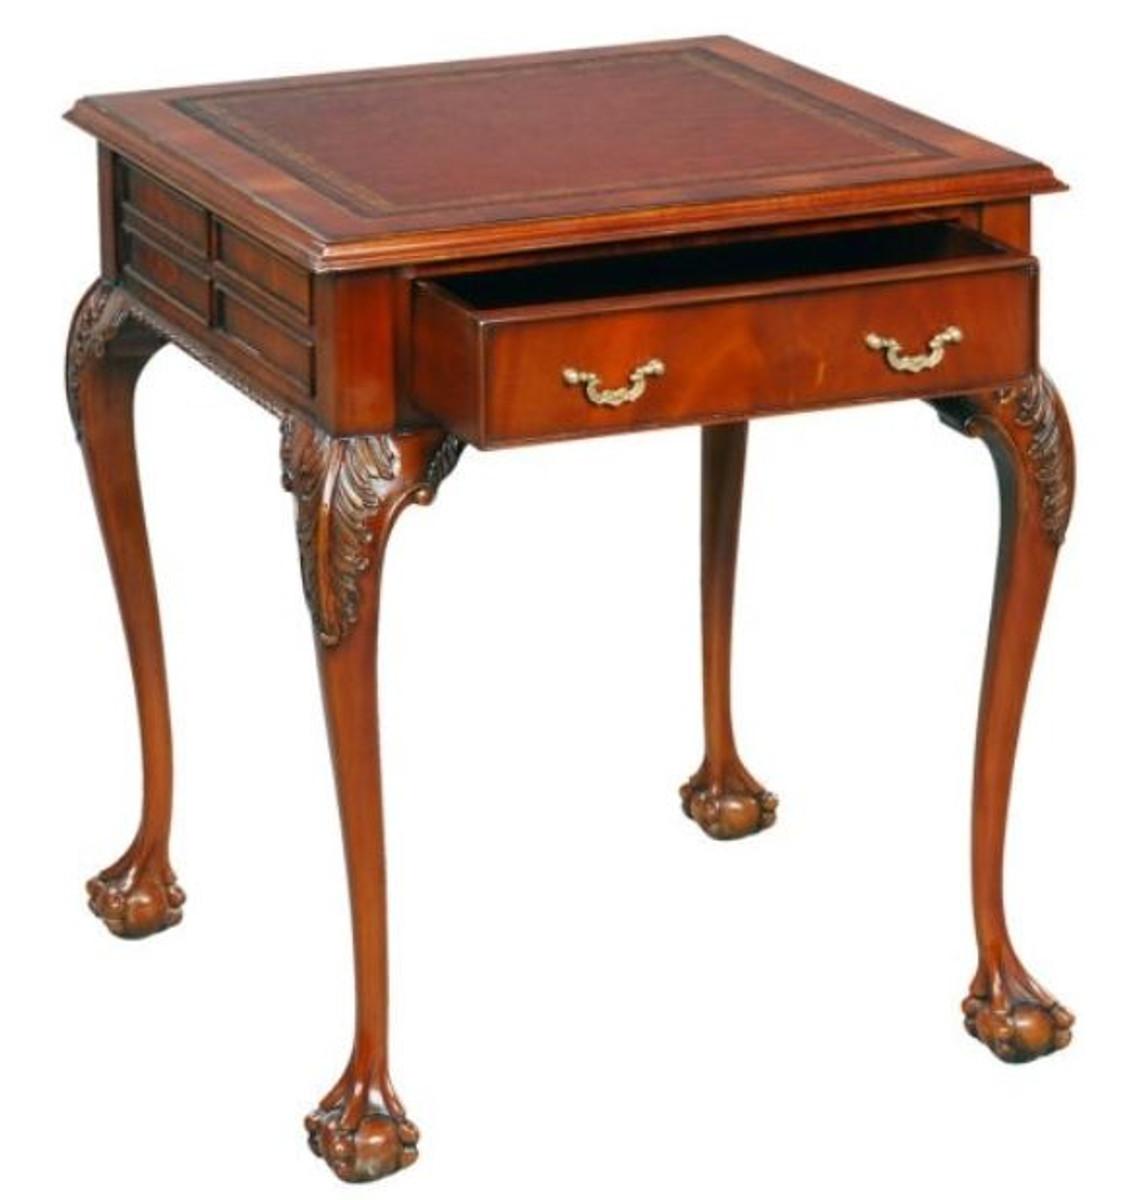 Casa Padrino Table d\'Appoint Baroque en Acajou de Luxe Rouge Marron / Brun  56 x 56 x H. 66 cm - Mobilier de Salon Baroque et Art Nouveau